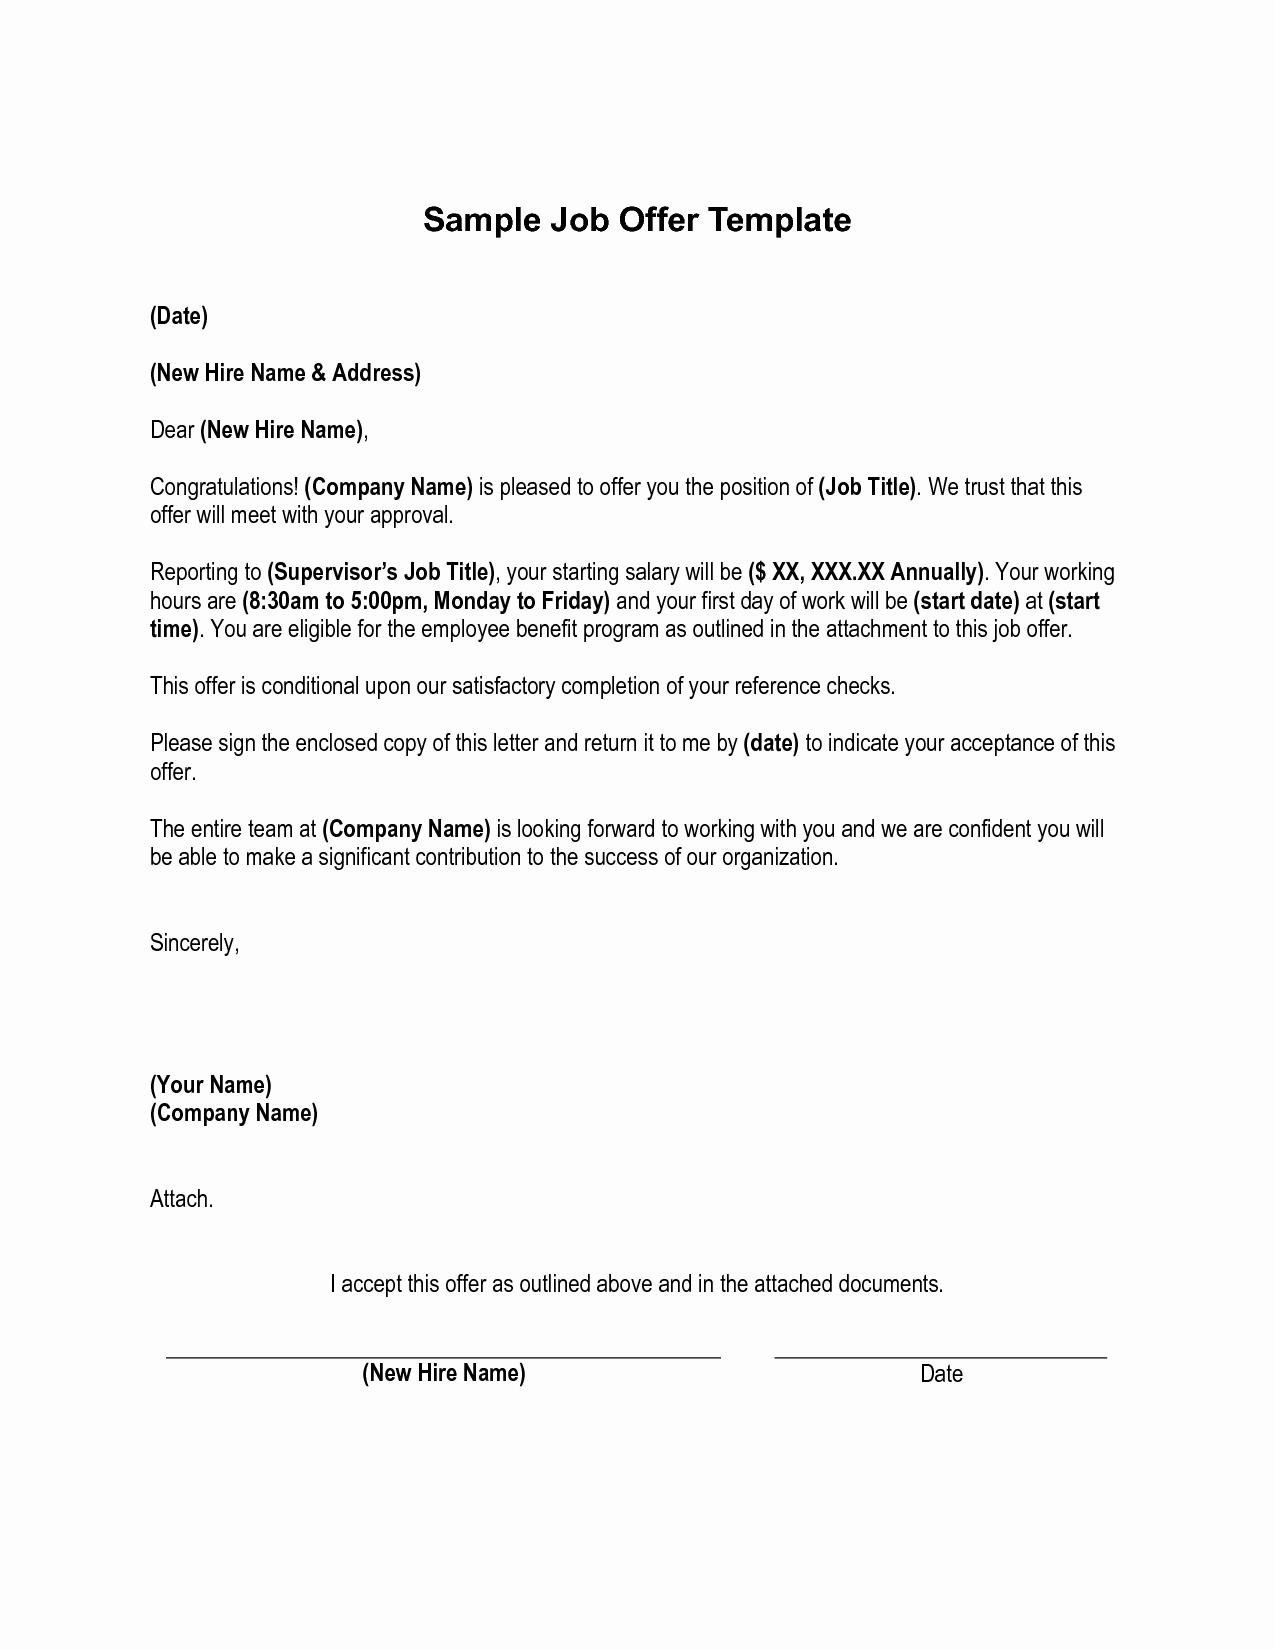 Internship Offer Letter Template Inspirational Sample Job Fer Letter